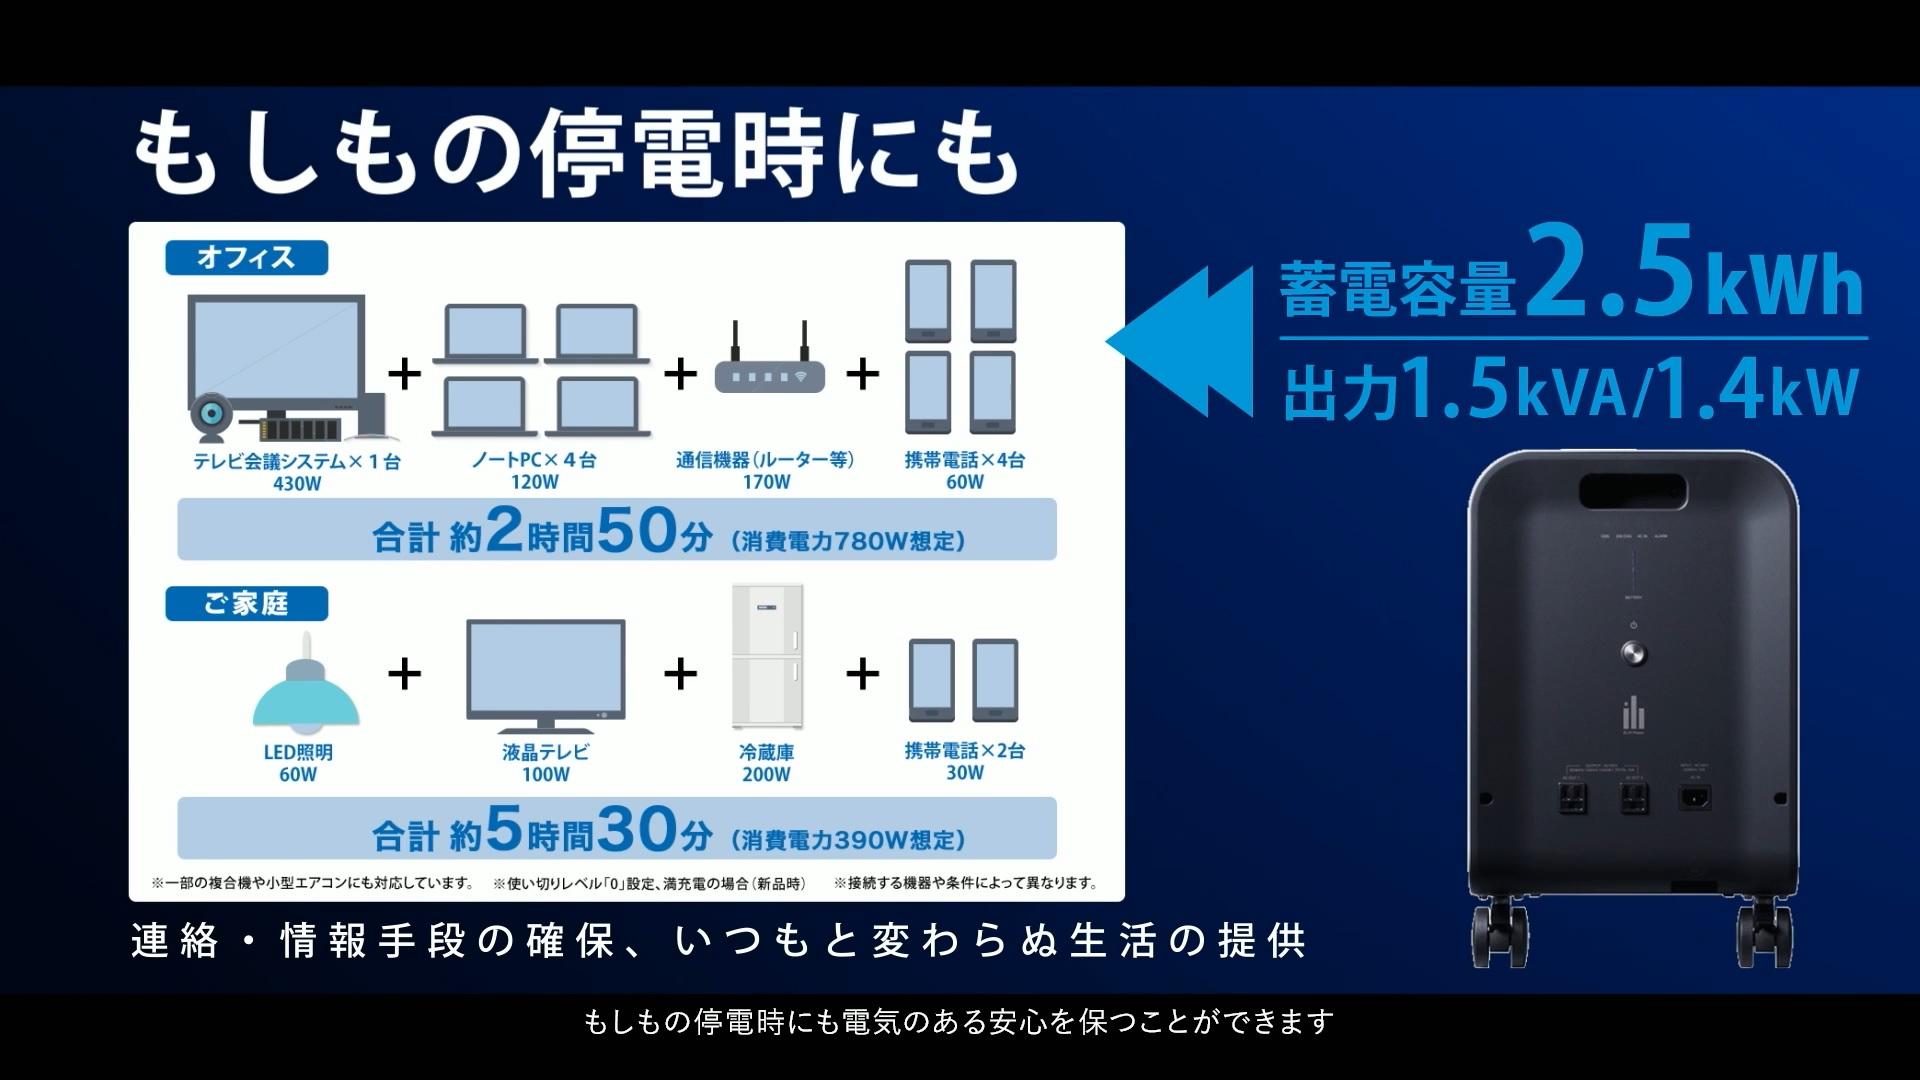 蓄電容量2.5kWh、出力1.5kVA/1.4kW